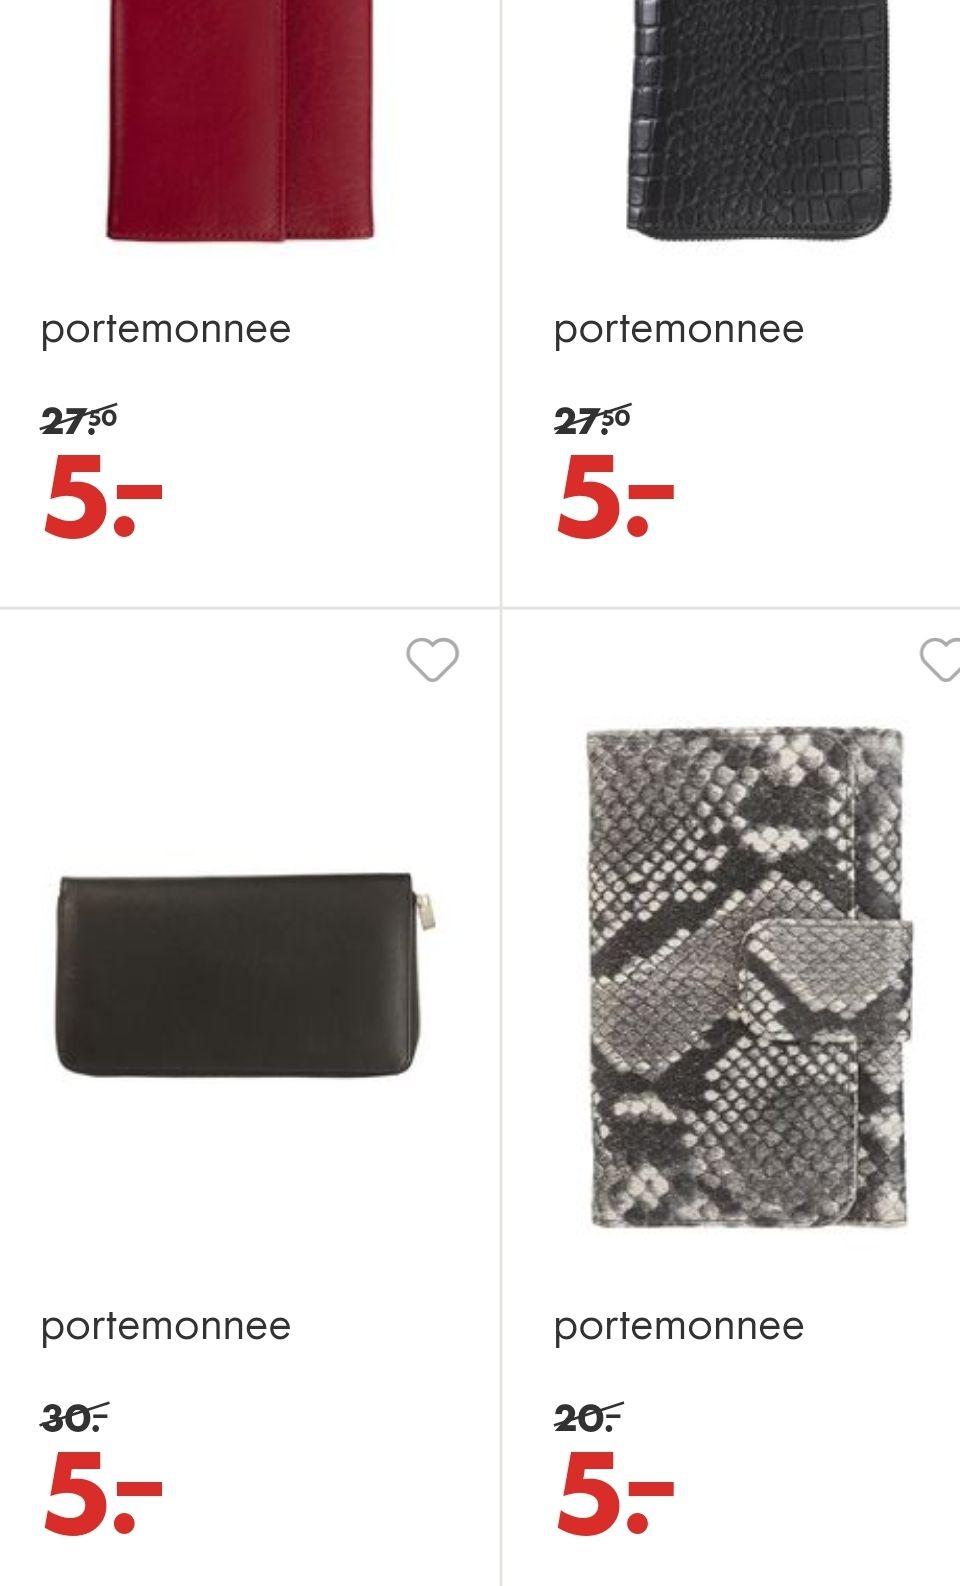 Verschillende portomonee's bij Hema (afgeprijsd van €30,-/€27,50/€25,-/€20,-)